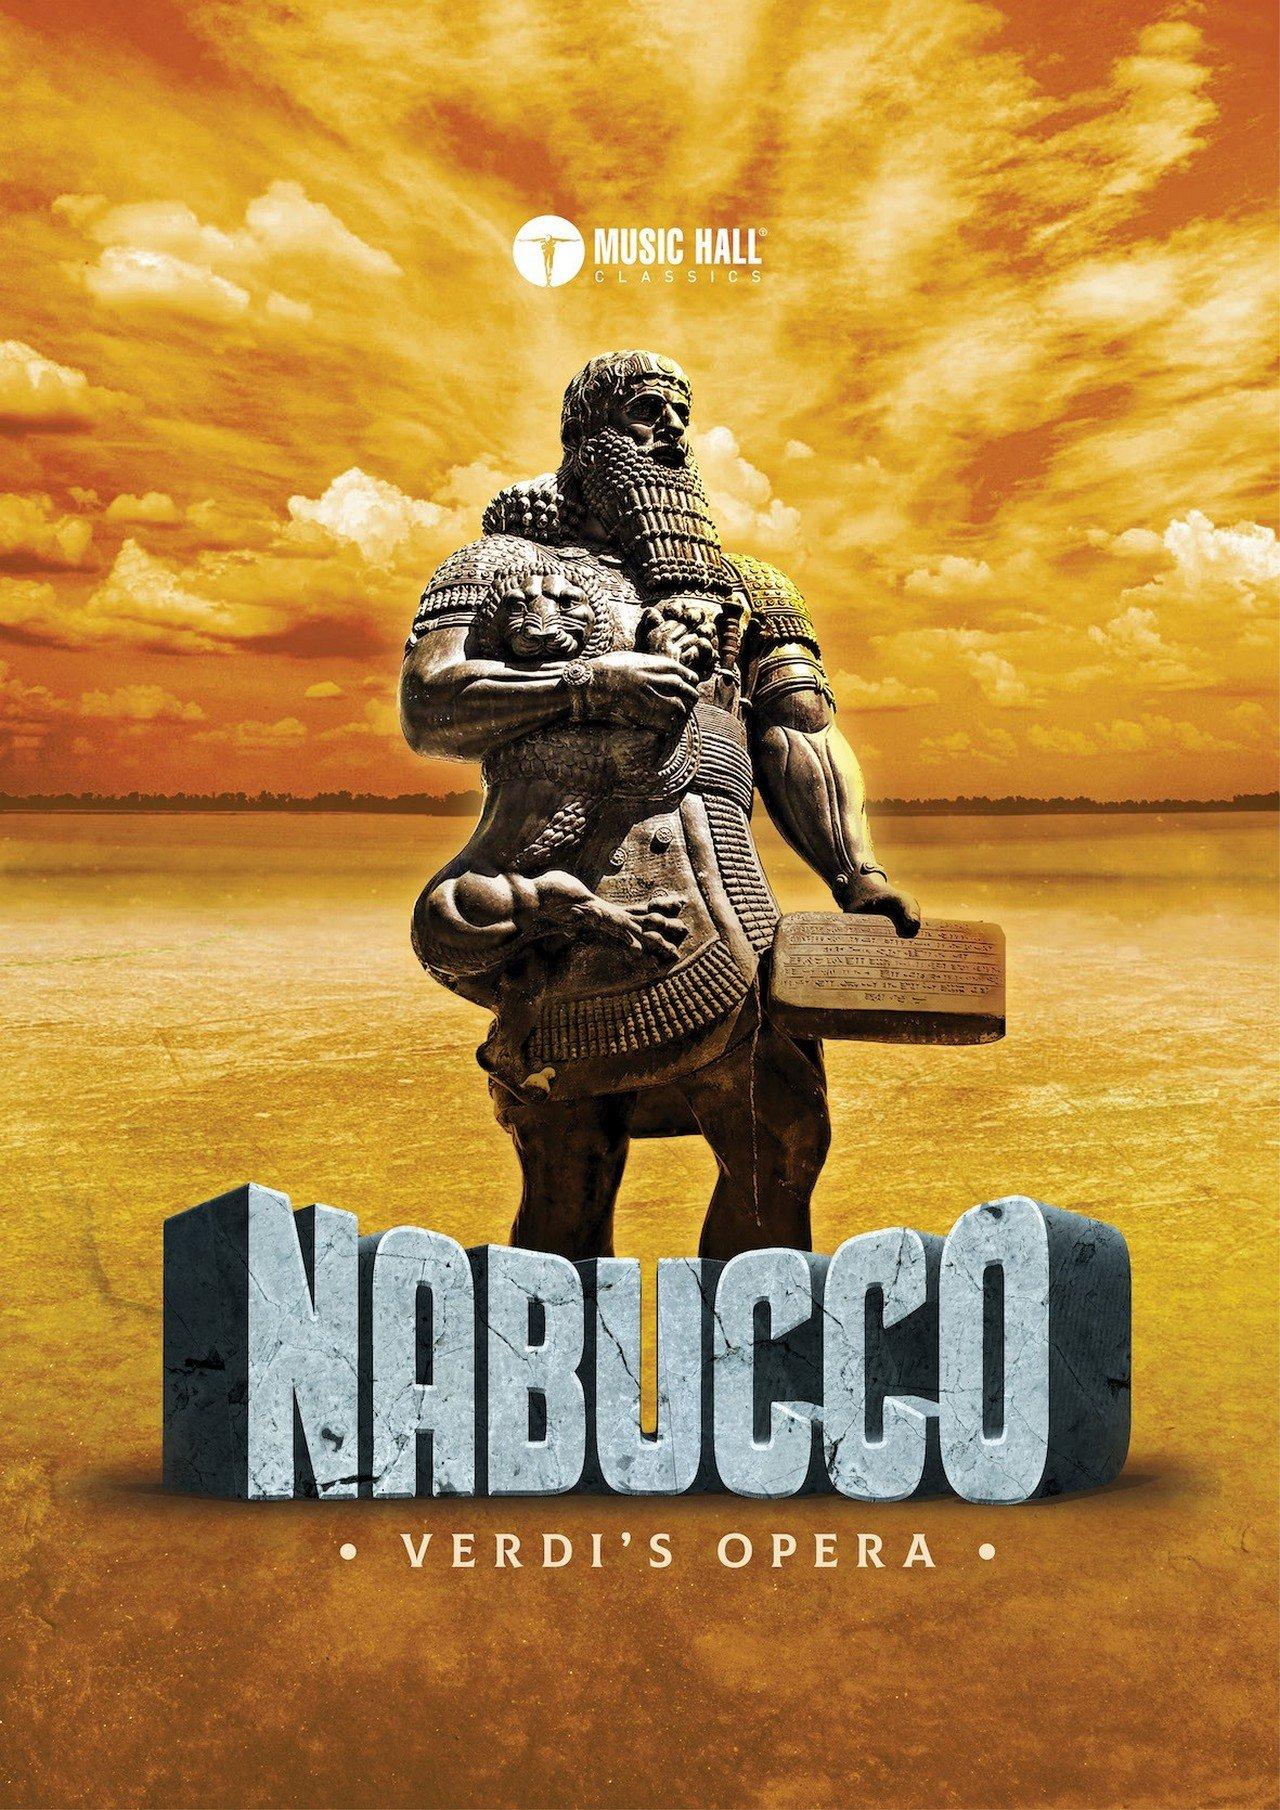 Music Hall Classics presenteert Verdi's Nabucco' in Antwerpen, Gent en Brugge - Nabucco 2.jpg